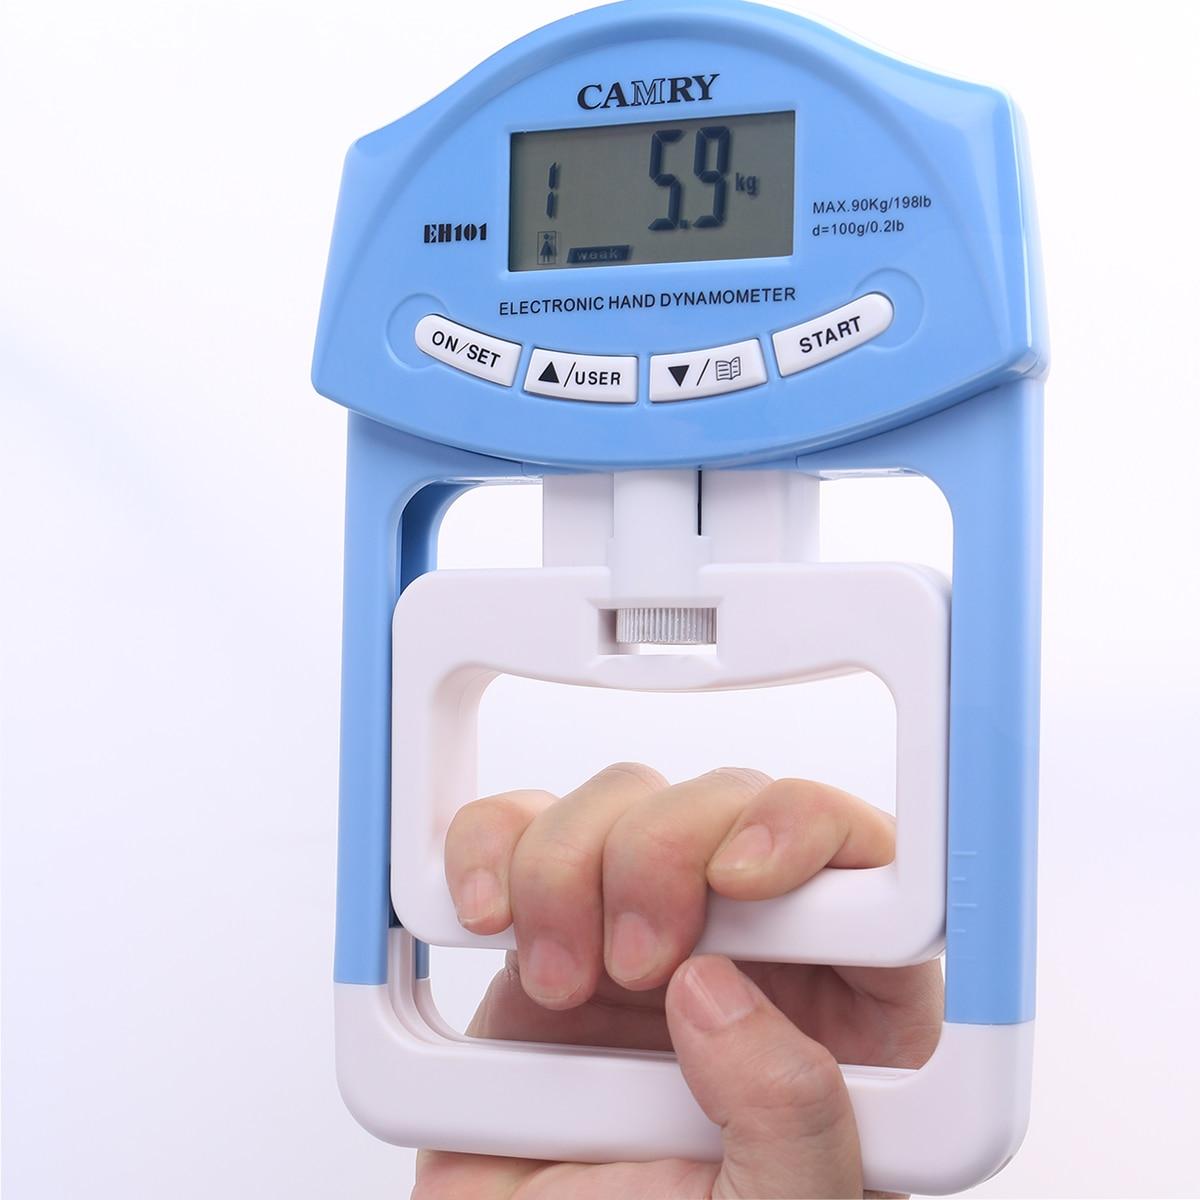 Comptage électronique multi-usage poignée dynamomètre numérique mesure de la Force compteur de Force Portable Fitness et réhabilitation